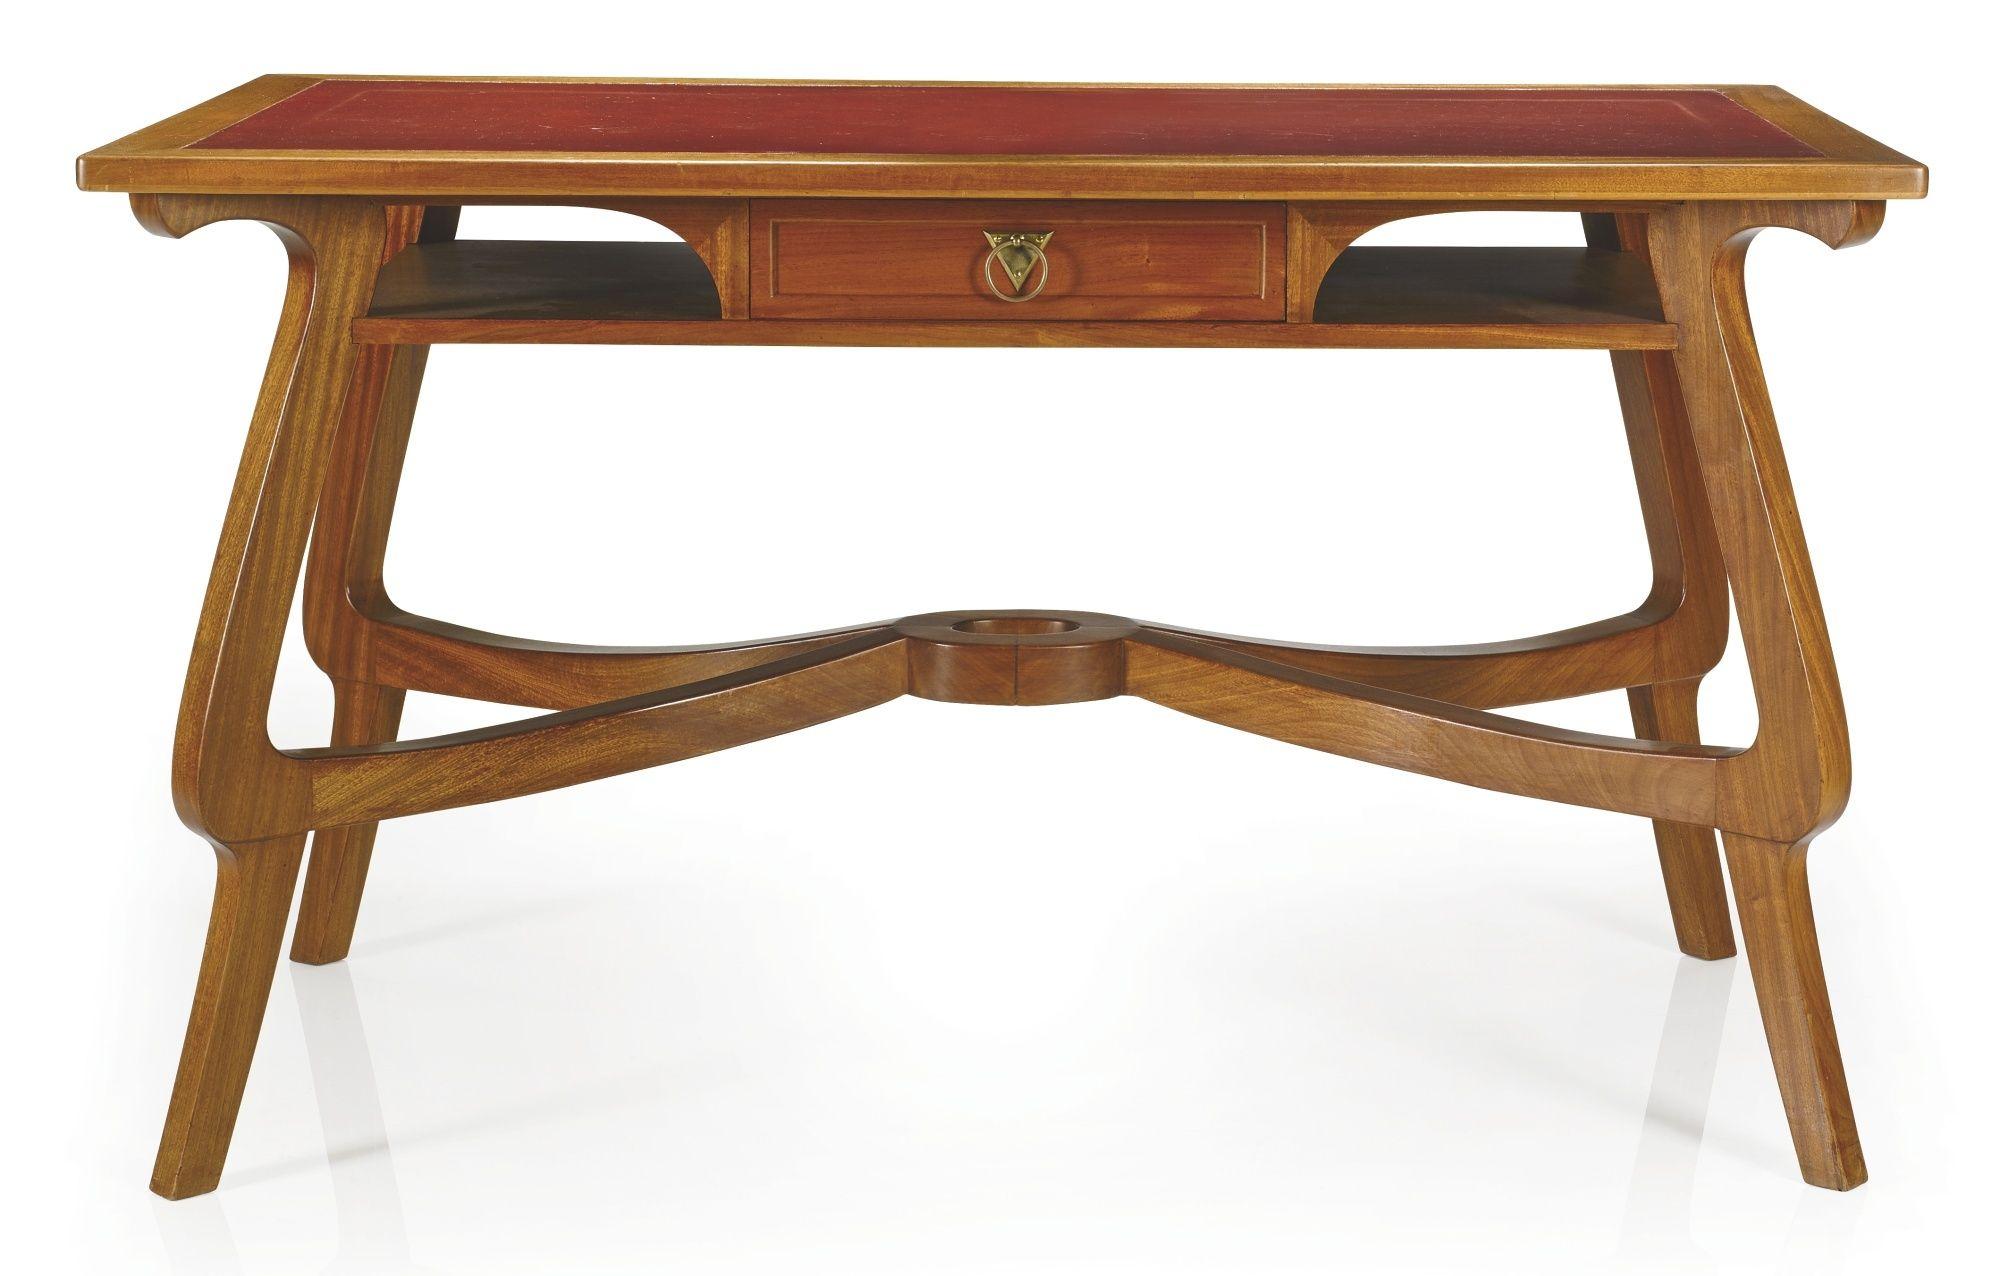 Henry Van De Velde Lot Coffee Table Design Furniture Design [ 1276 x 2000 Pixel ]